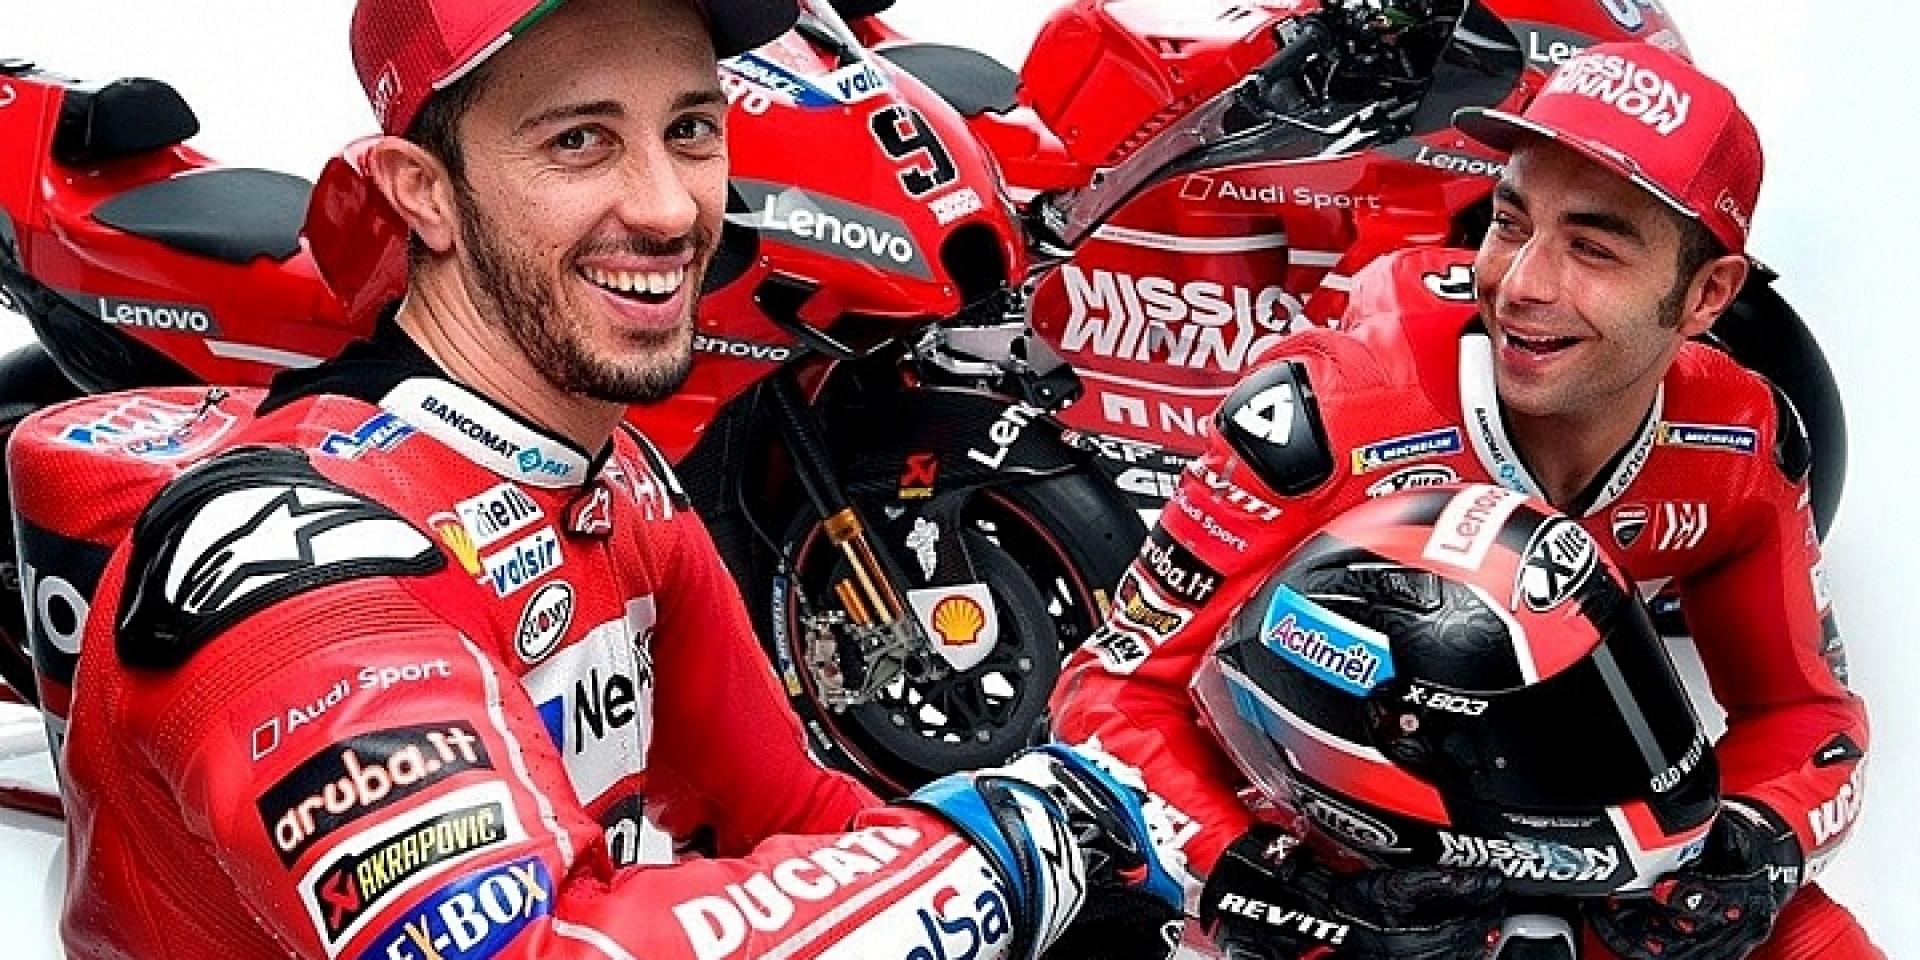 菸商退散!自己的車自己冠名,法國Le Mans站DUCATI賽車塗裝將由車手自由發揮!